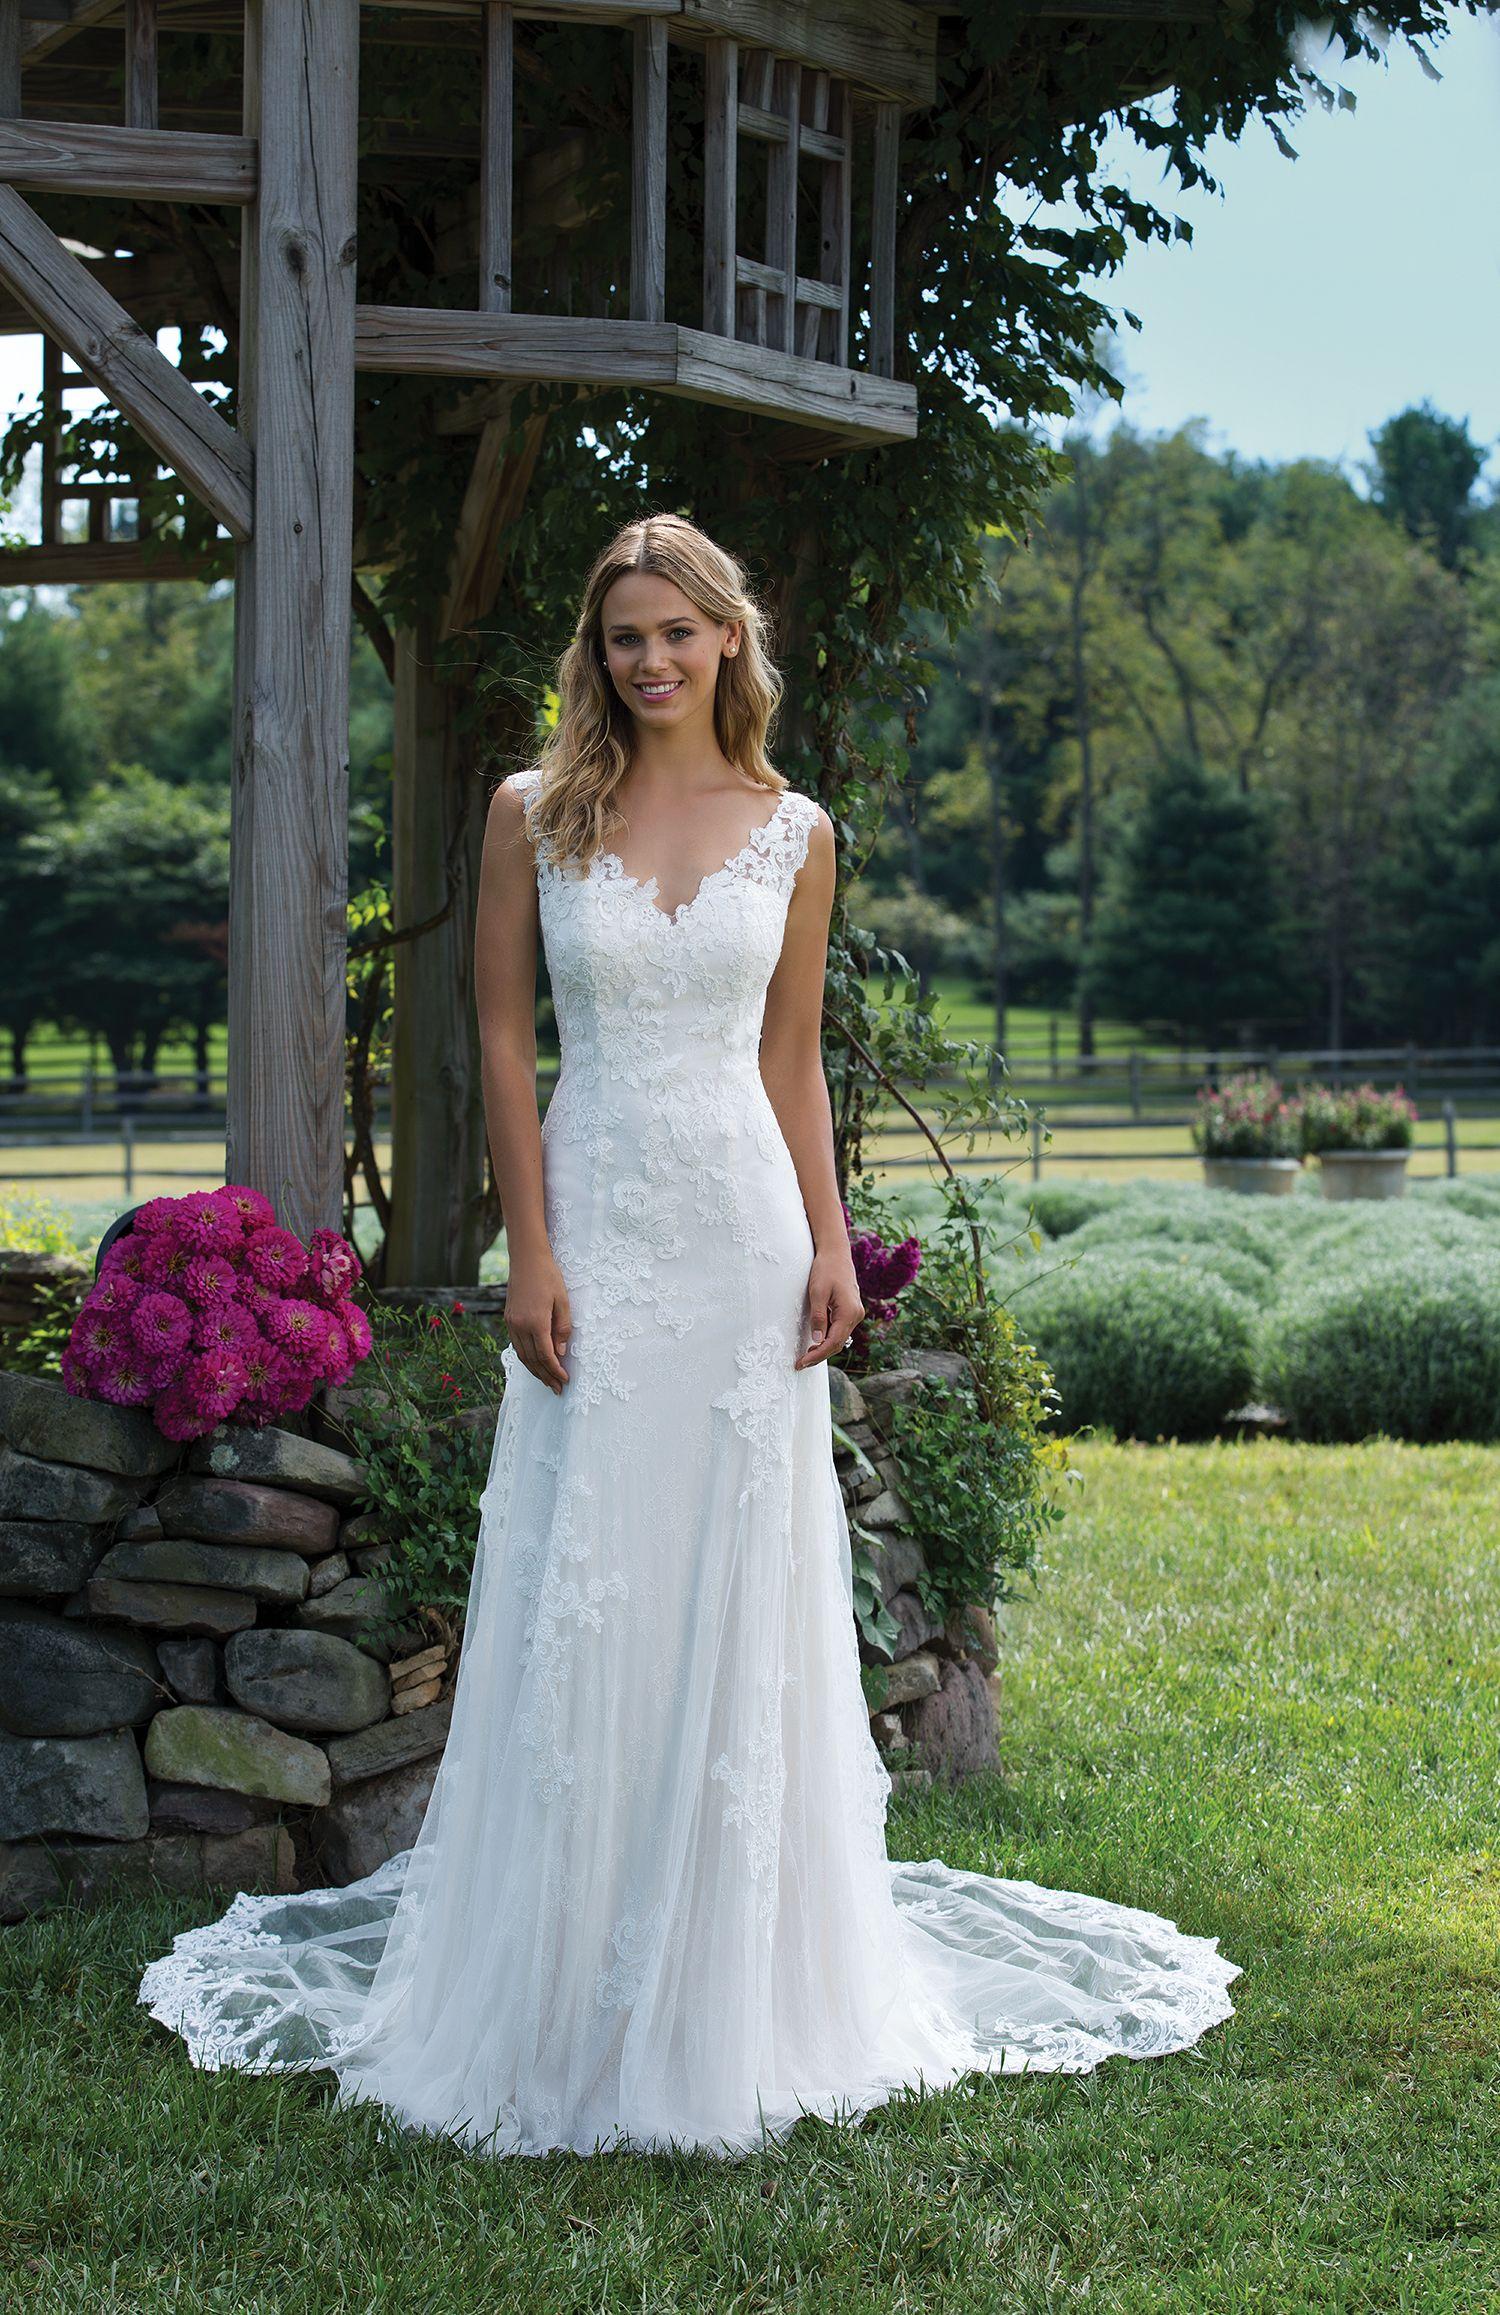 a7831a573d New Bridal Gown Available at Ella Park Bridal